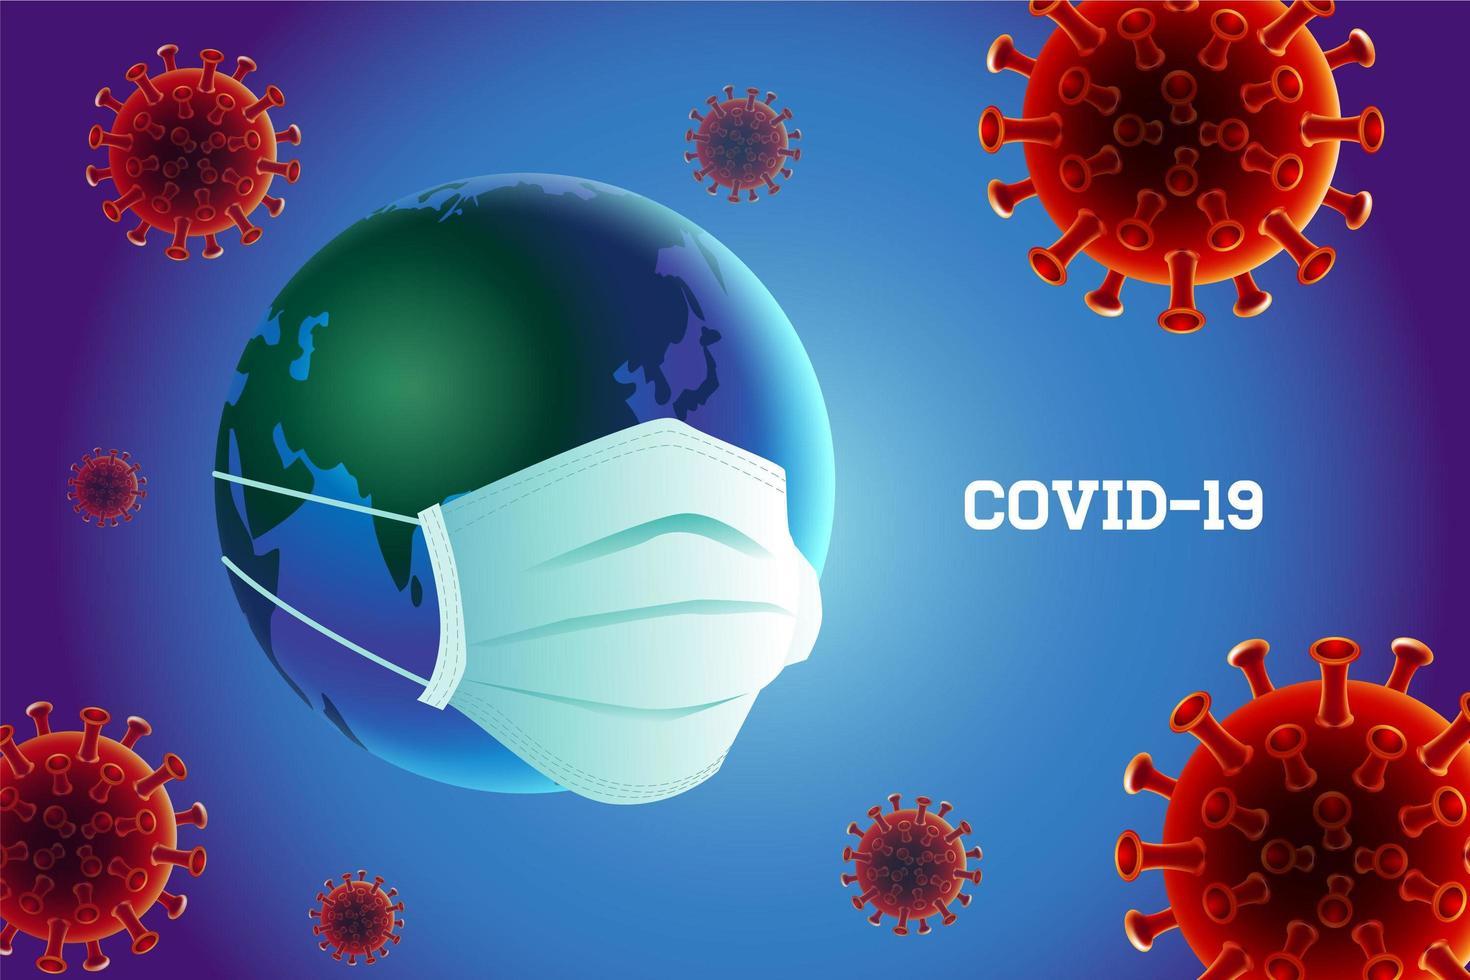 coronavirus covid-19 förebyggande med jordbärande mask vektor